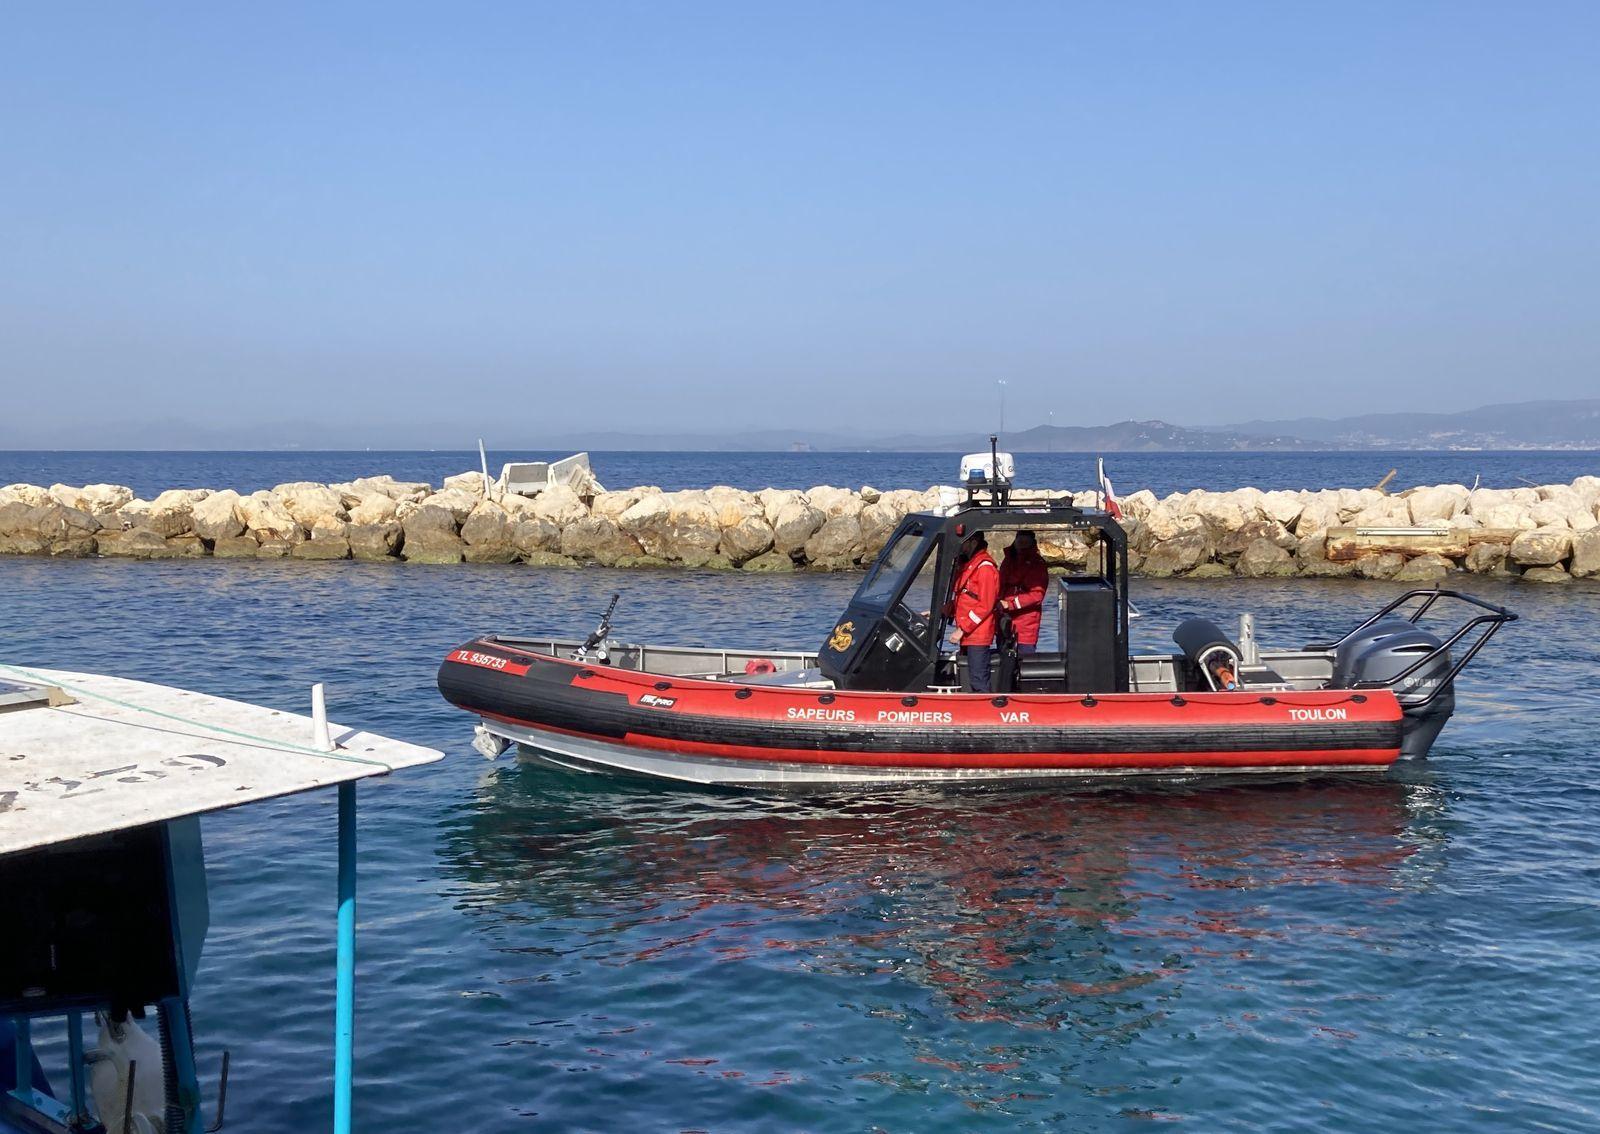 Sapeurs pompiers de Toulon